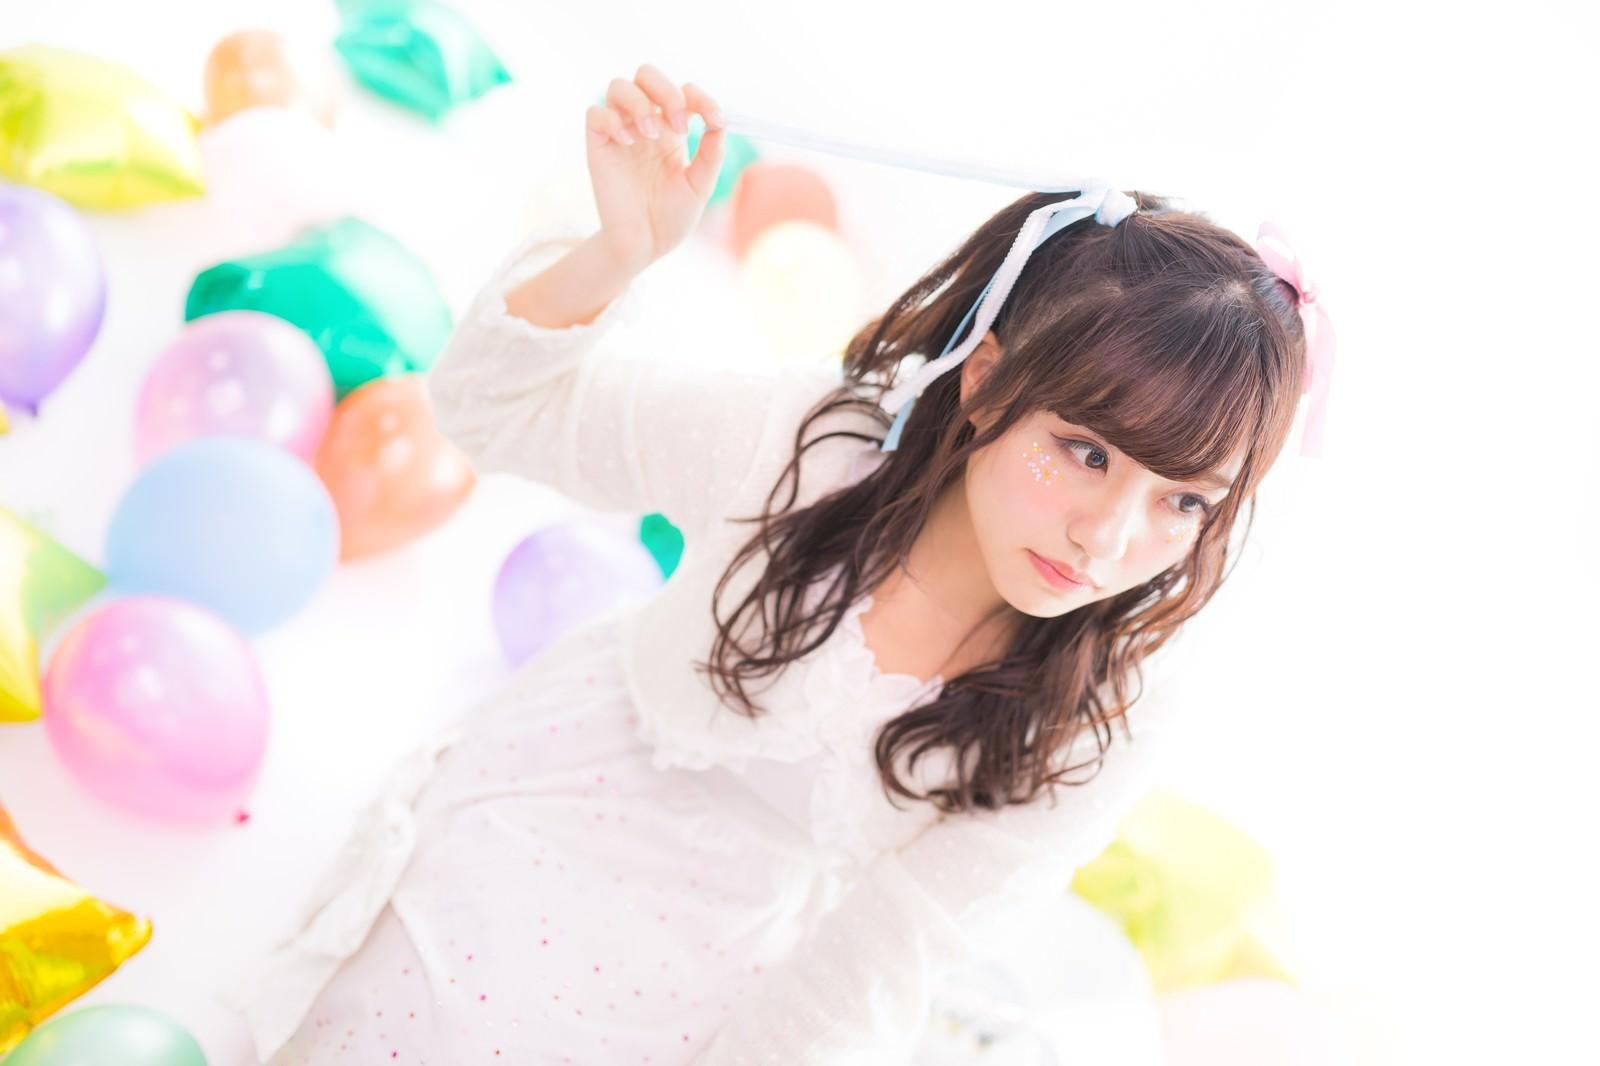 Yuka-Kawamura-Free-Stock-Photo-Idol-05.jpg